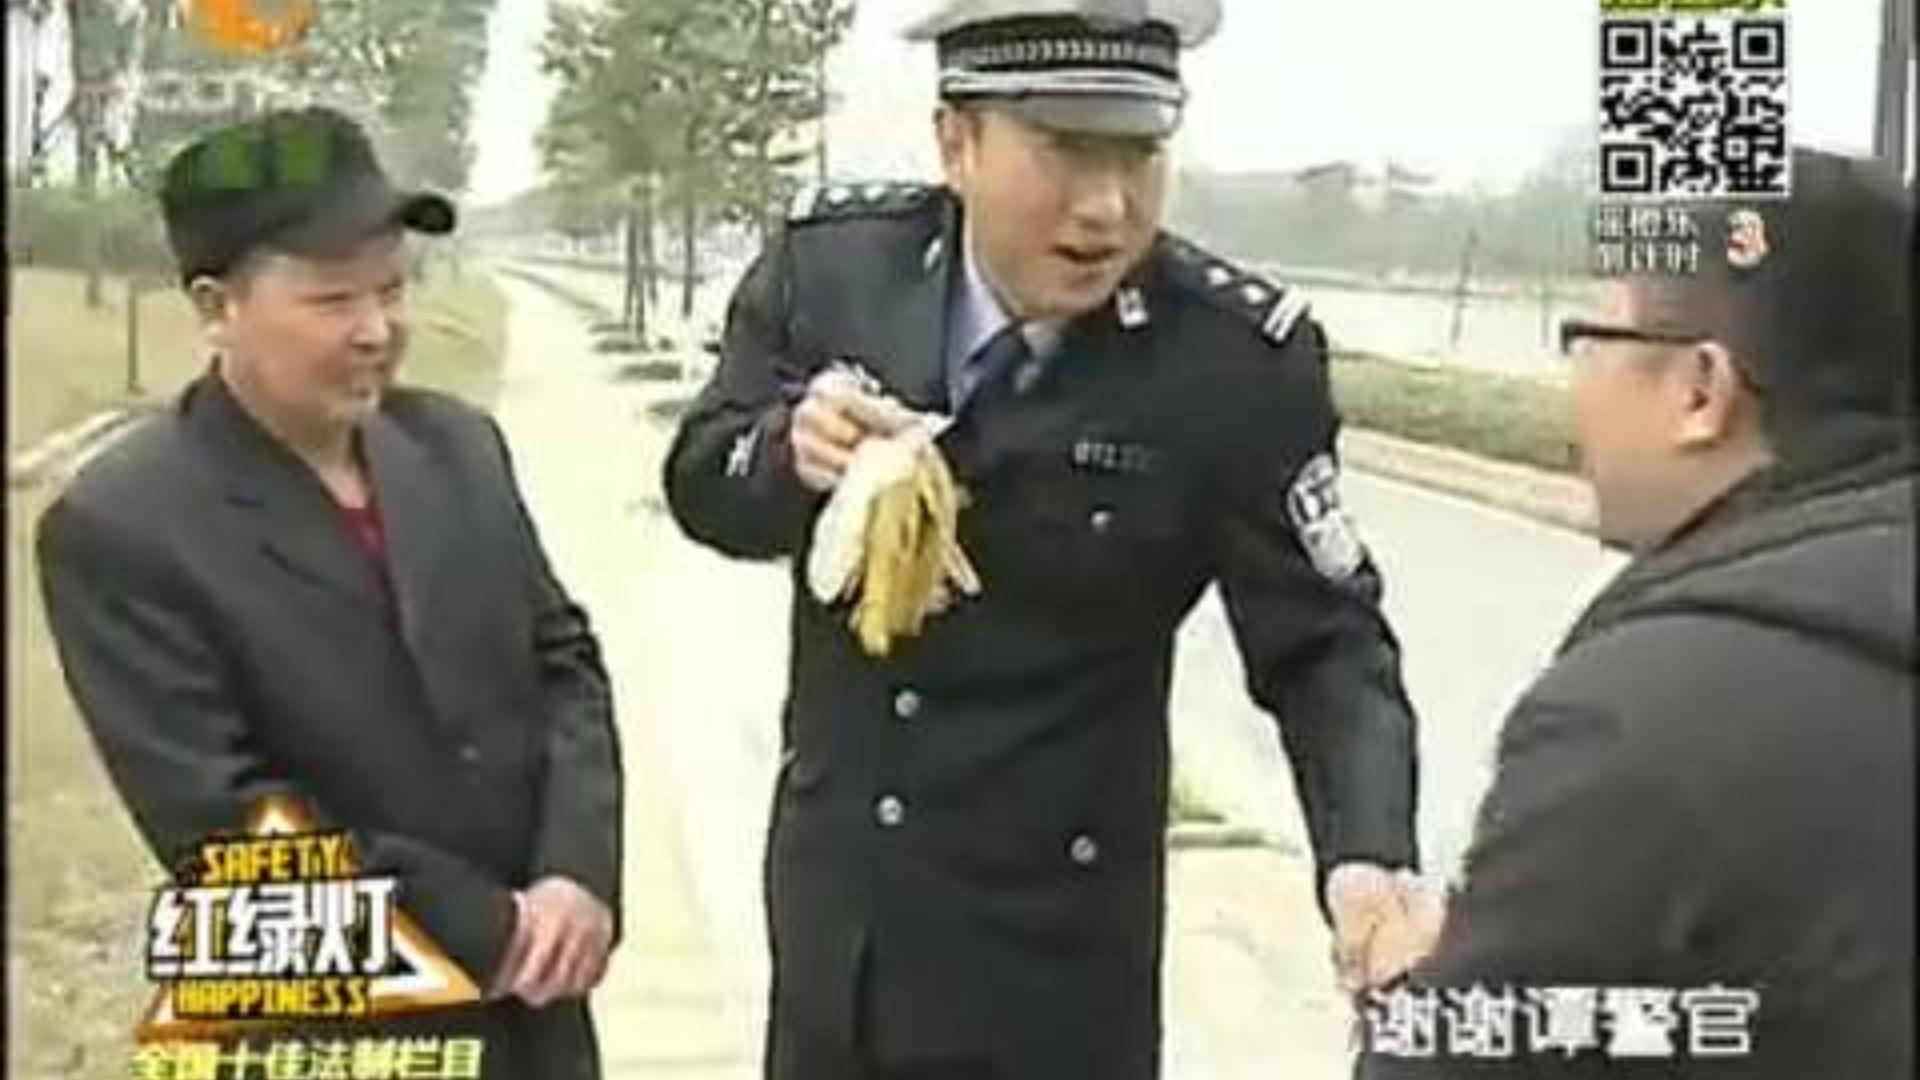 【谭谈交通】奇葩沙雕精选合集08